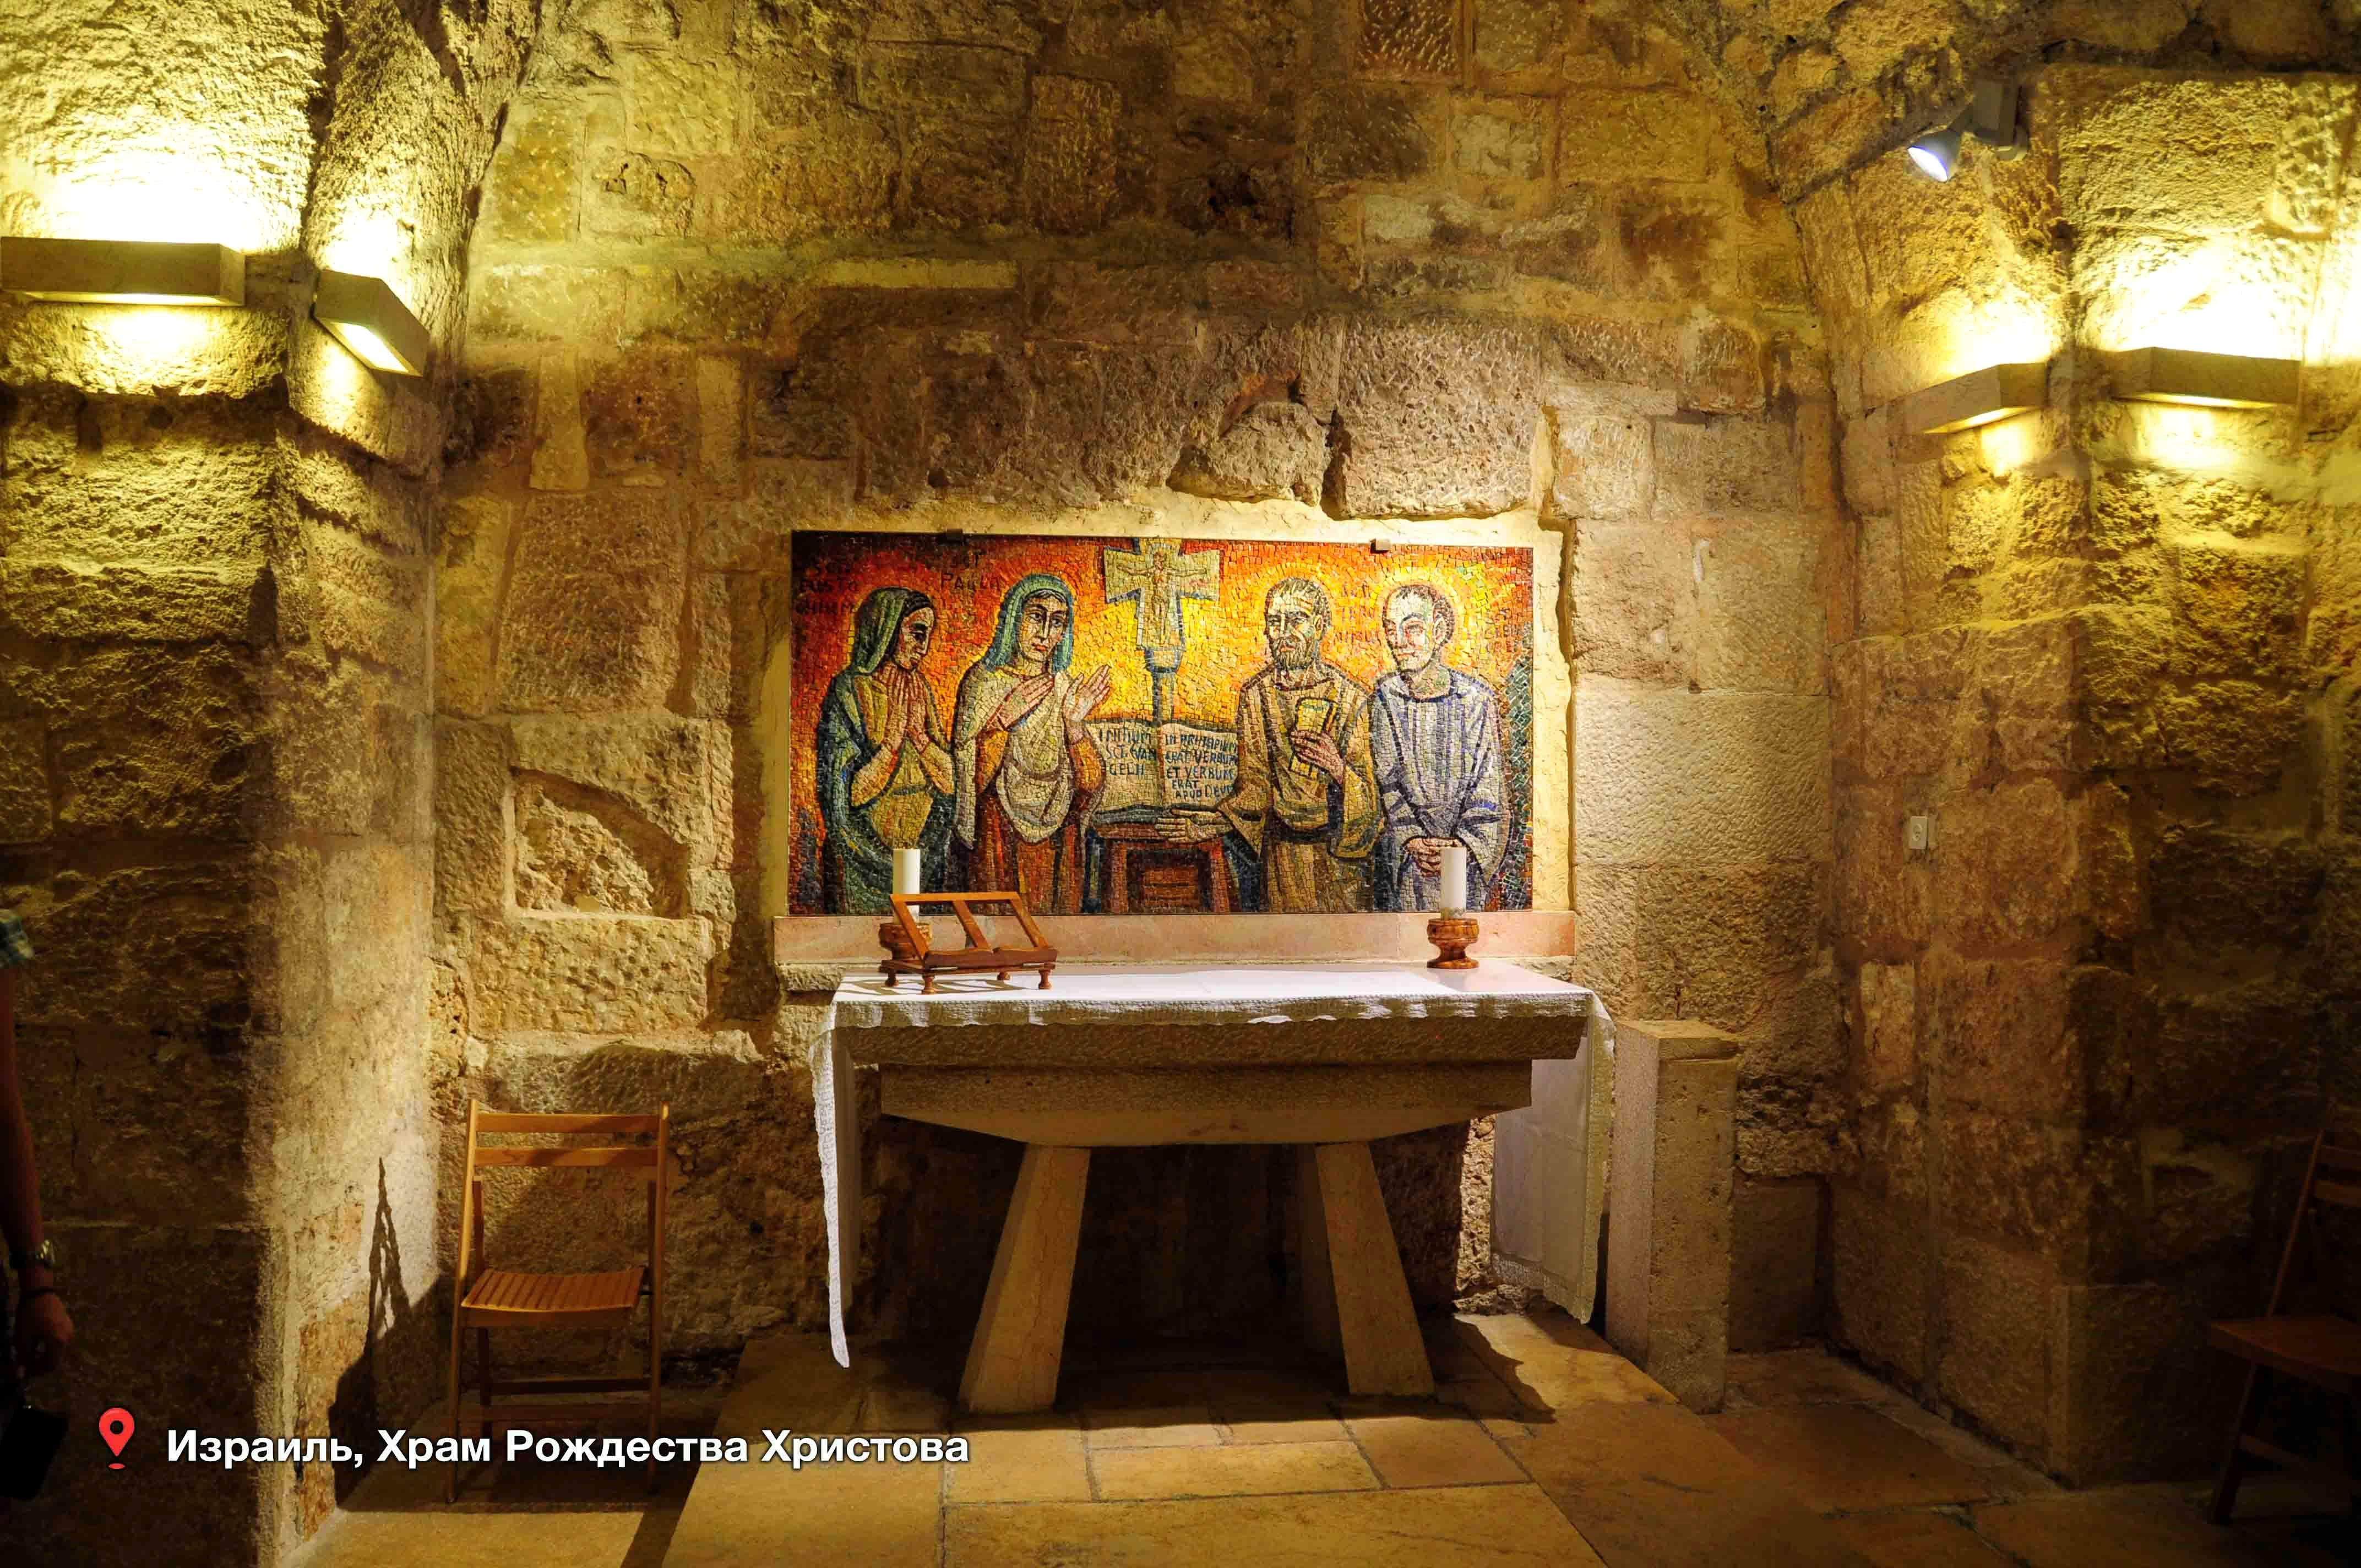 Отдых в апреле в Израиле, Храм Рождества Христова, куда поехать, что посмотреть.